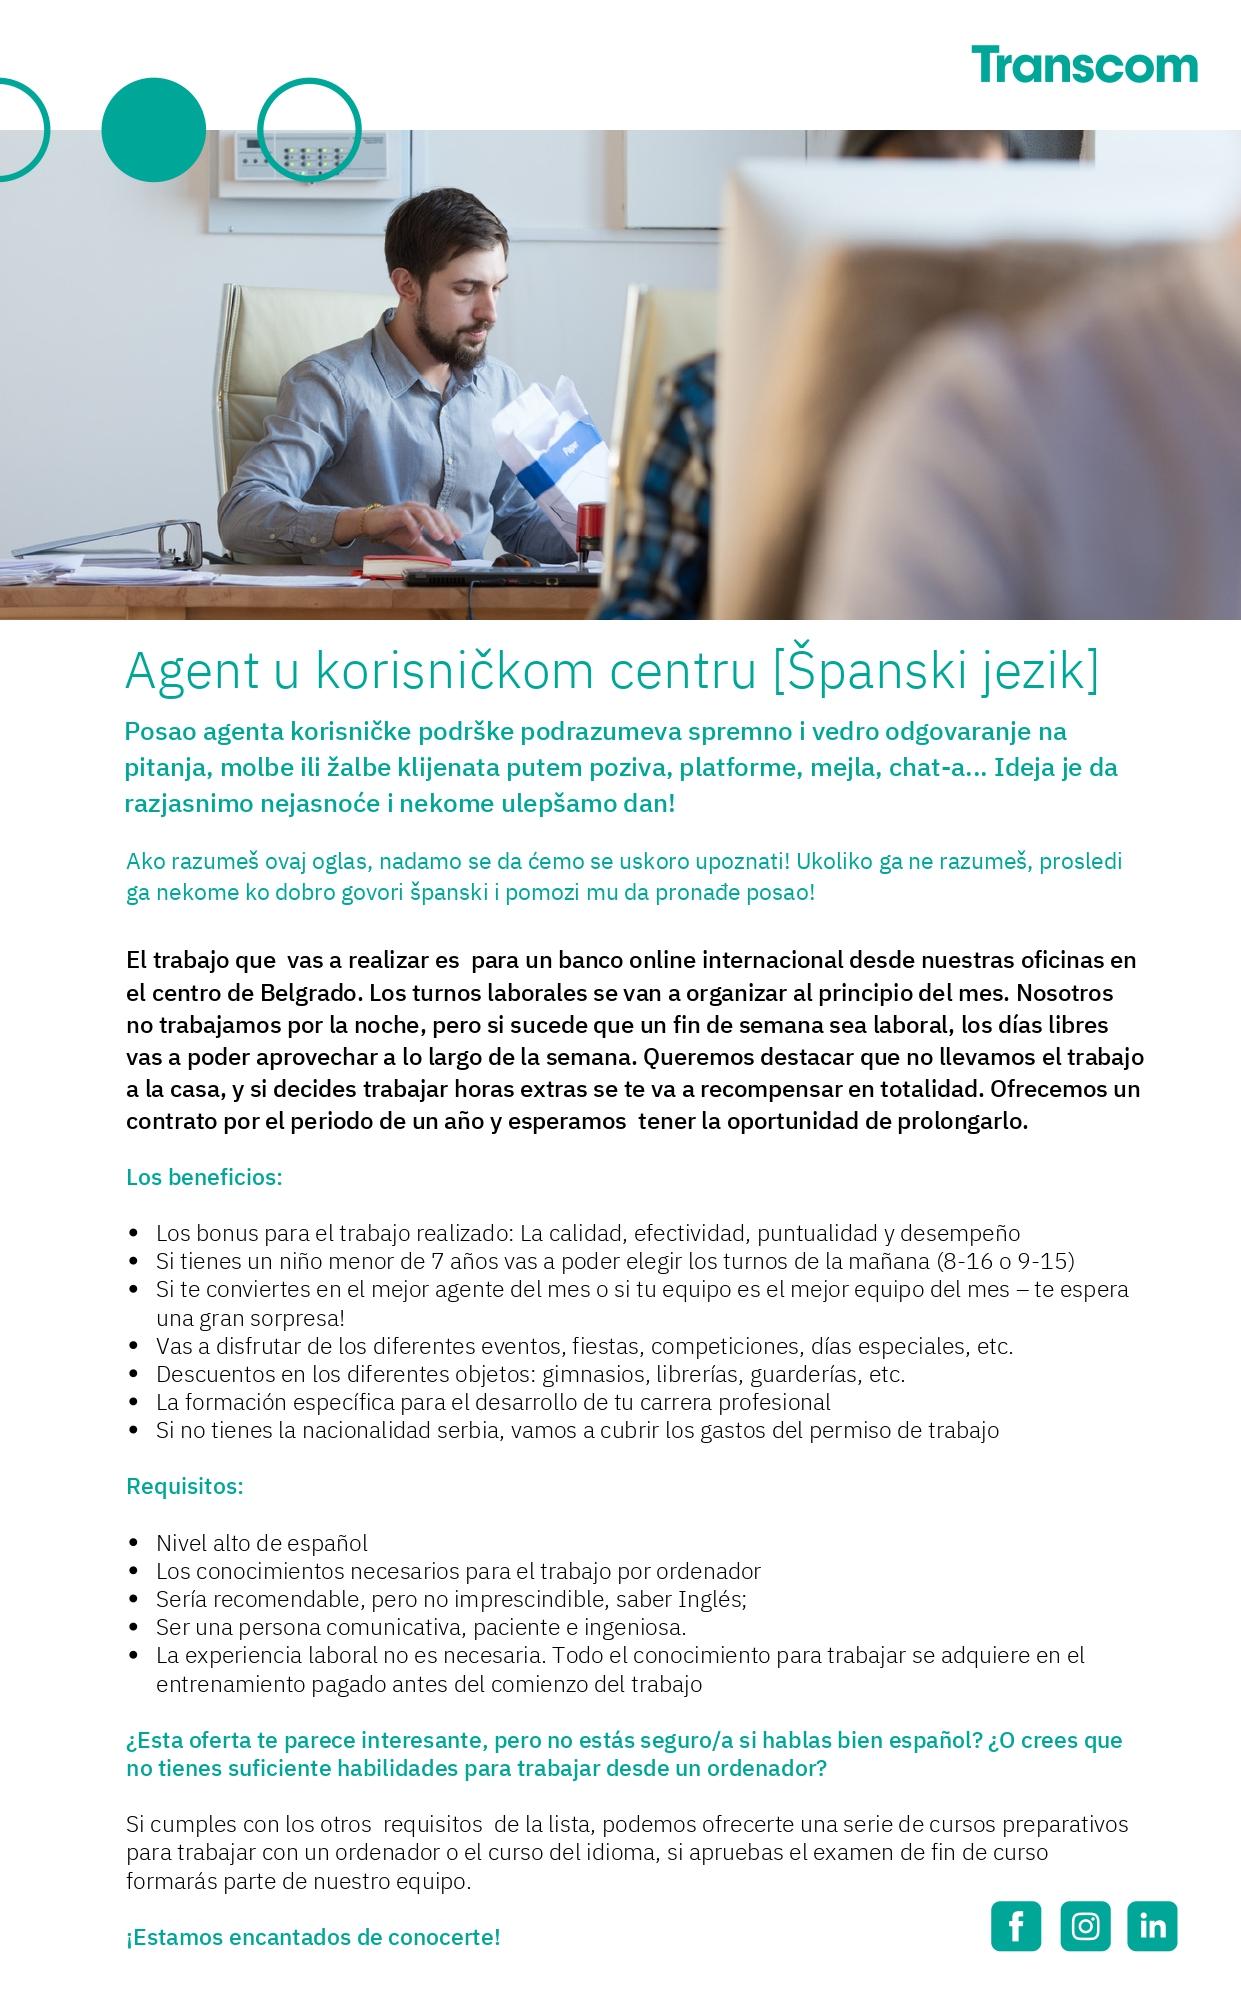 Agent u korisničkom centru - Španski jezik